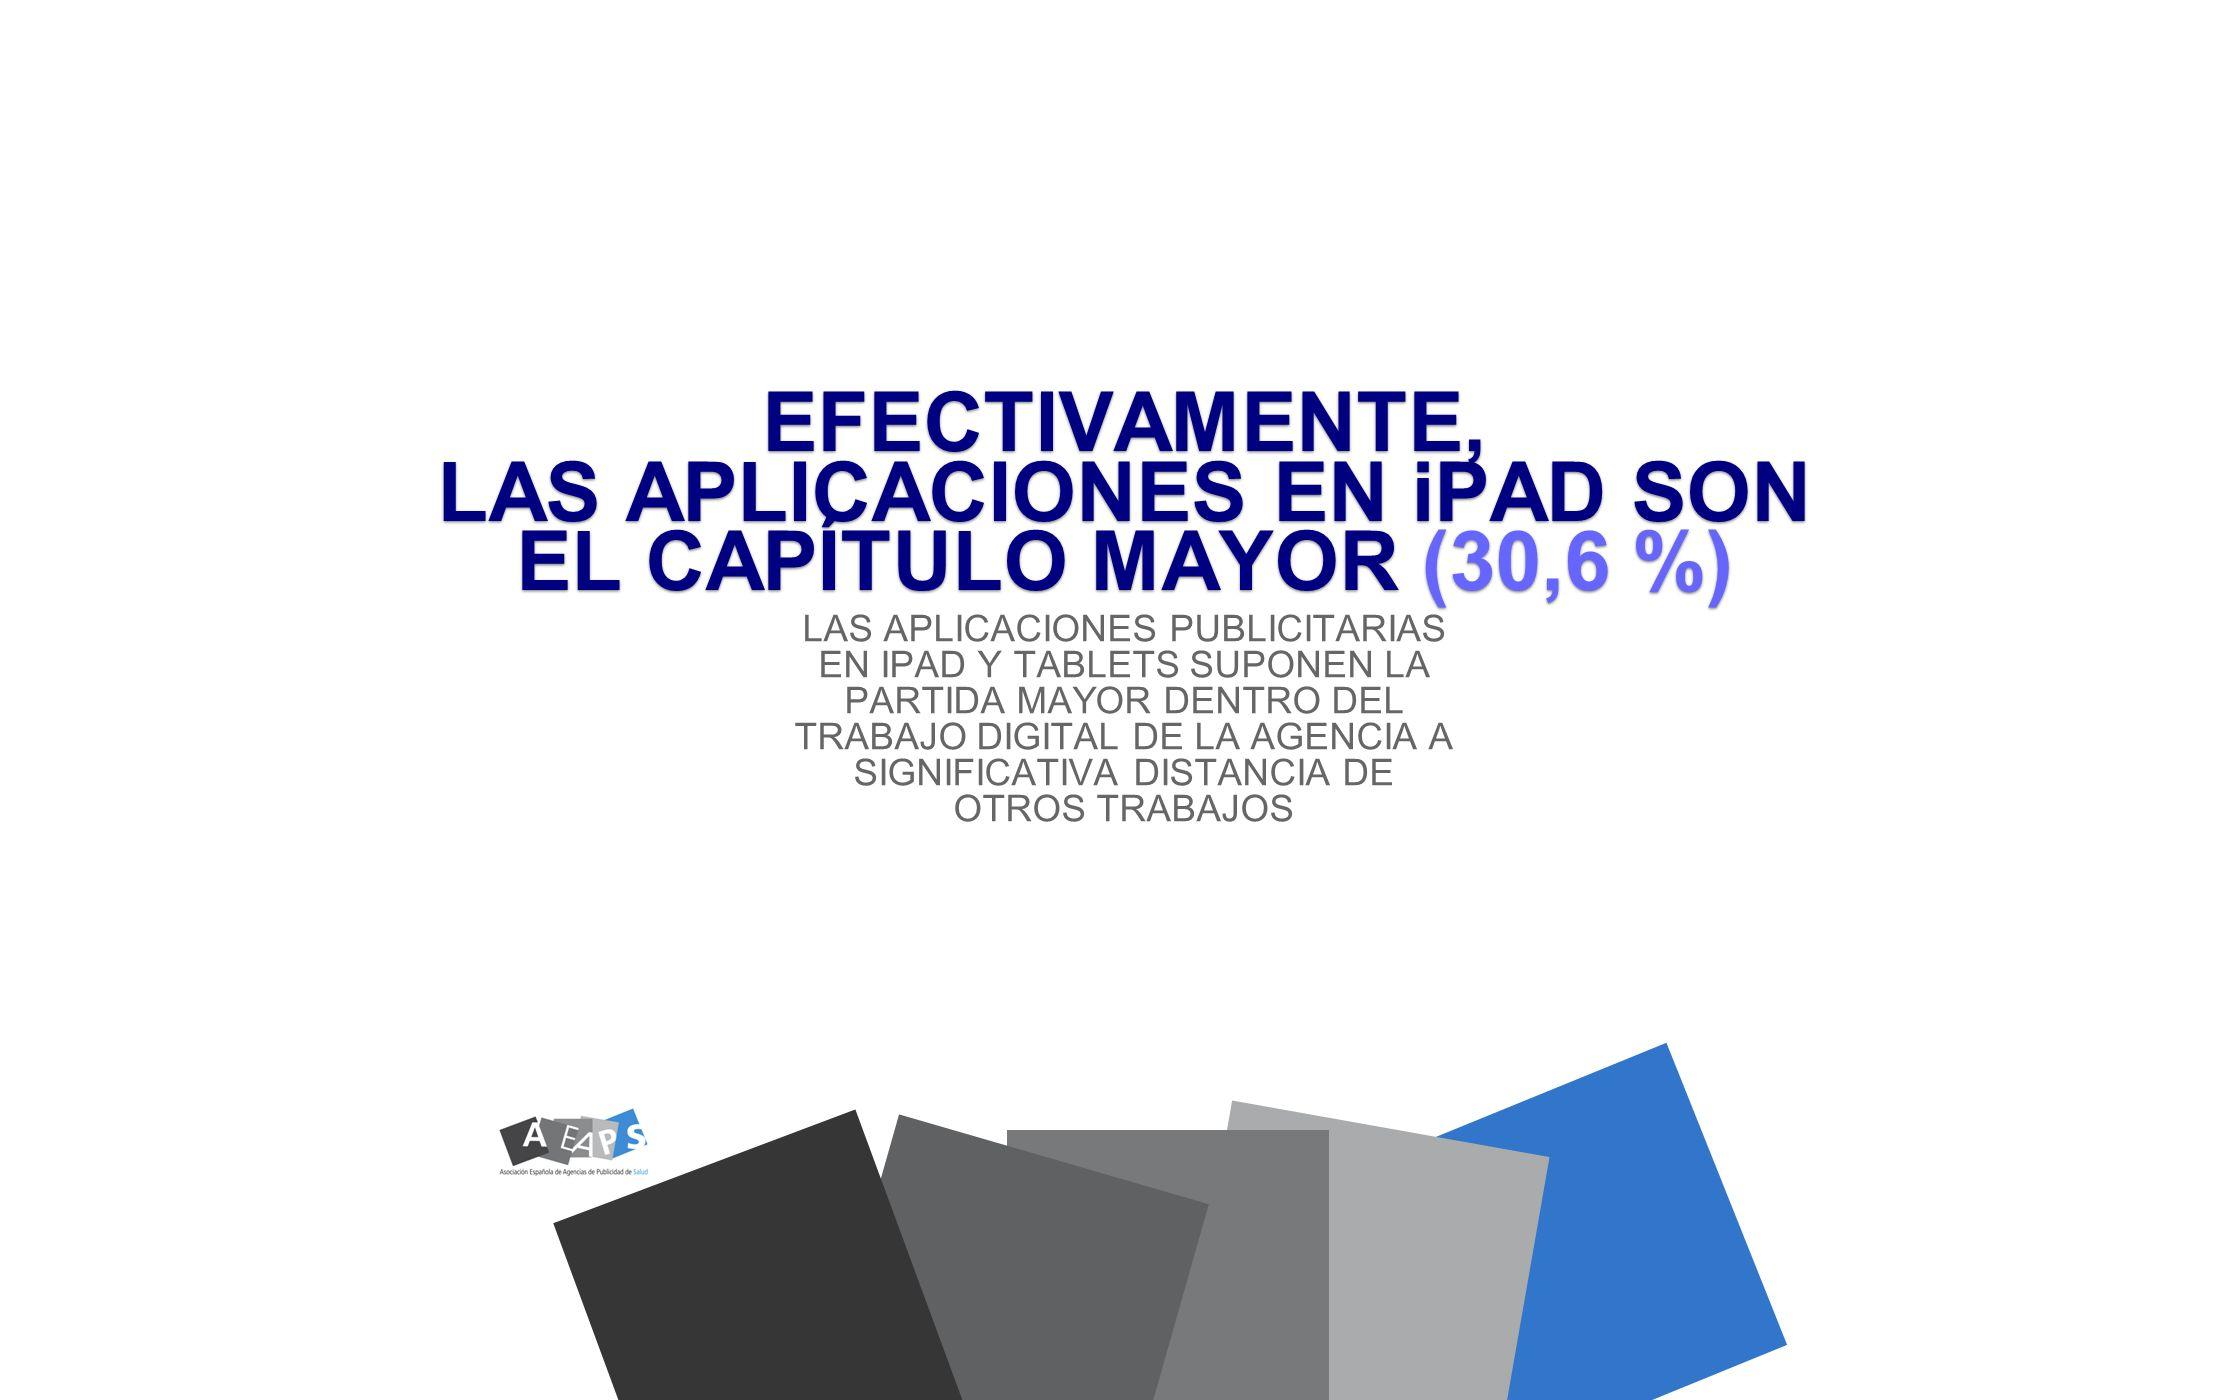 EFECTIVAMENTE, LAS APLICACIONES EN iPAD SON EL CAPÍTULO MAYOR (30,6 %)